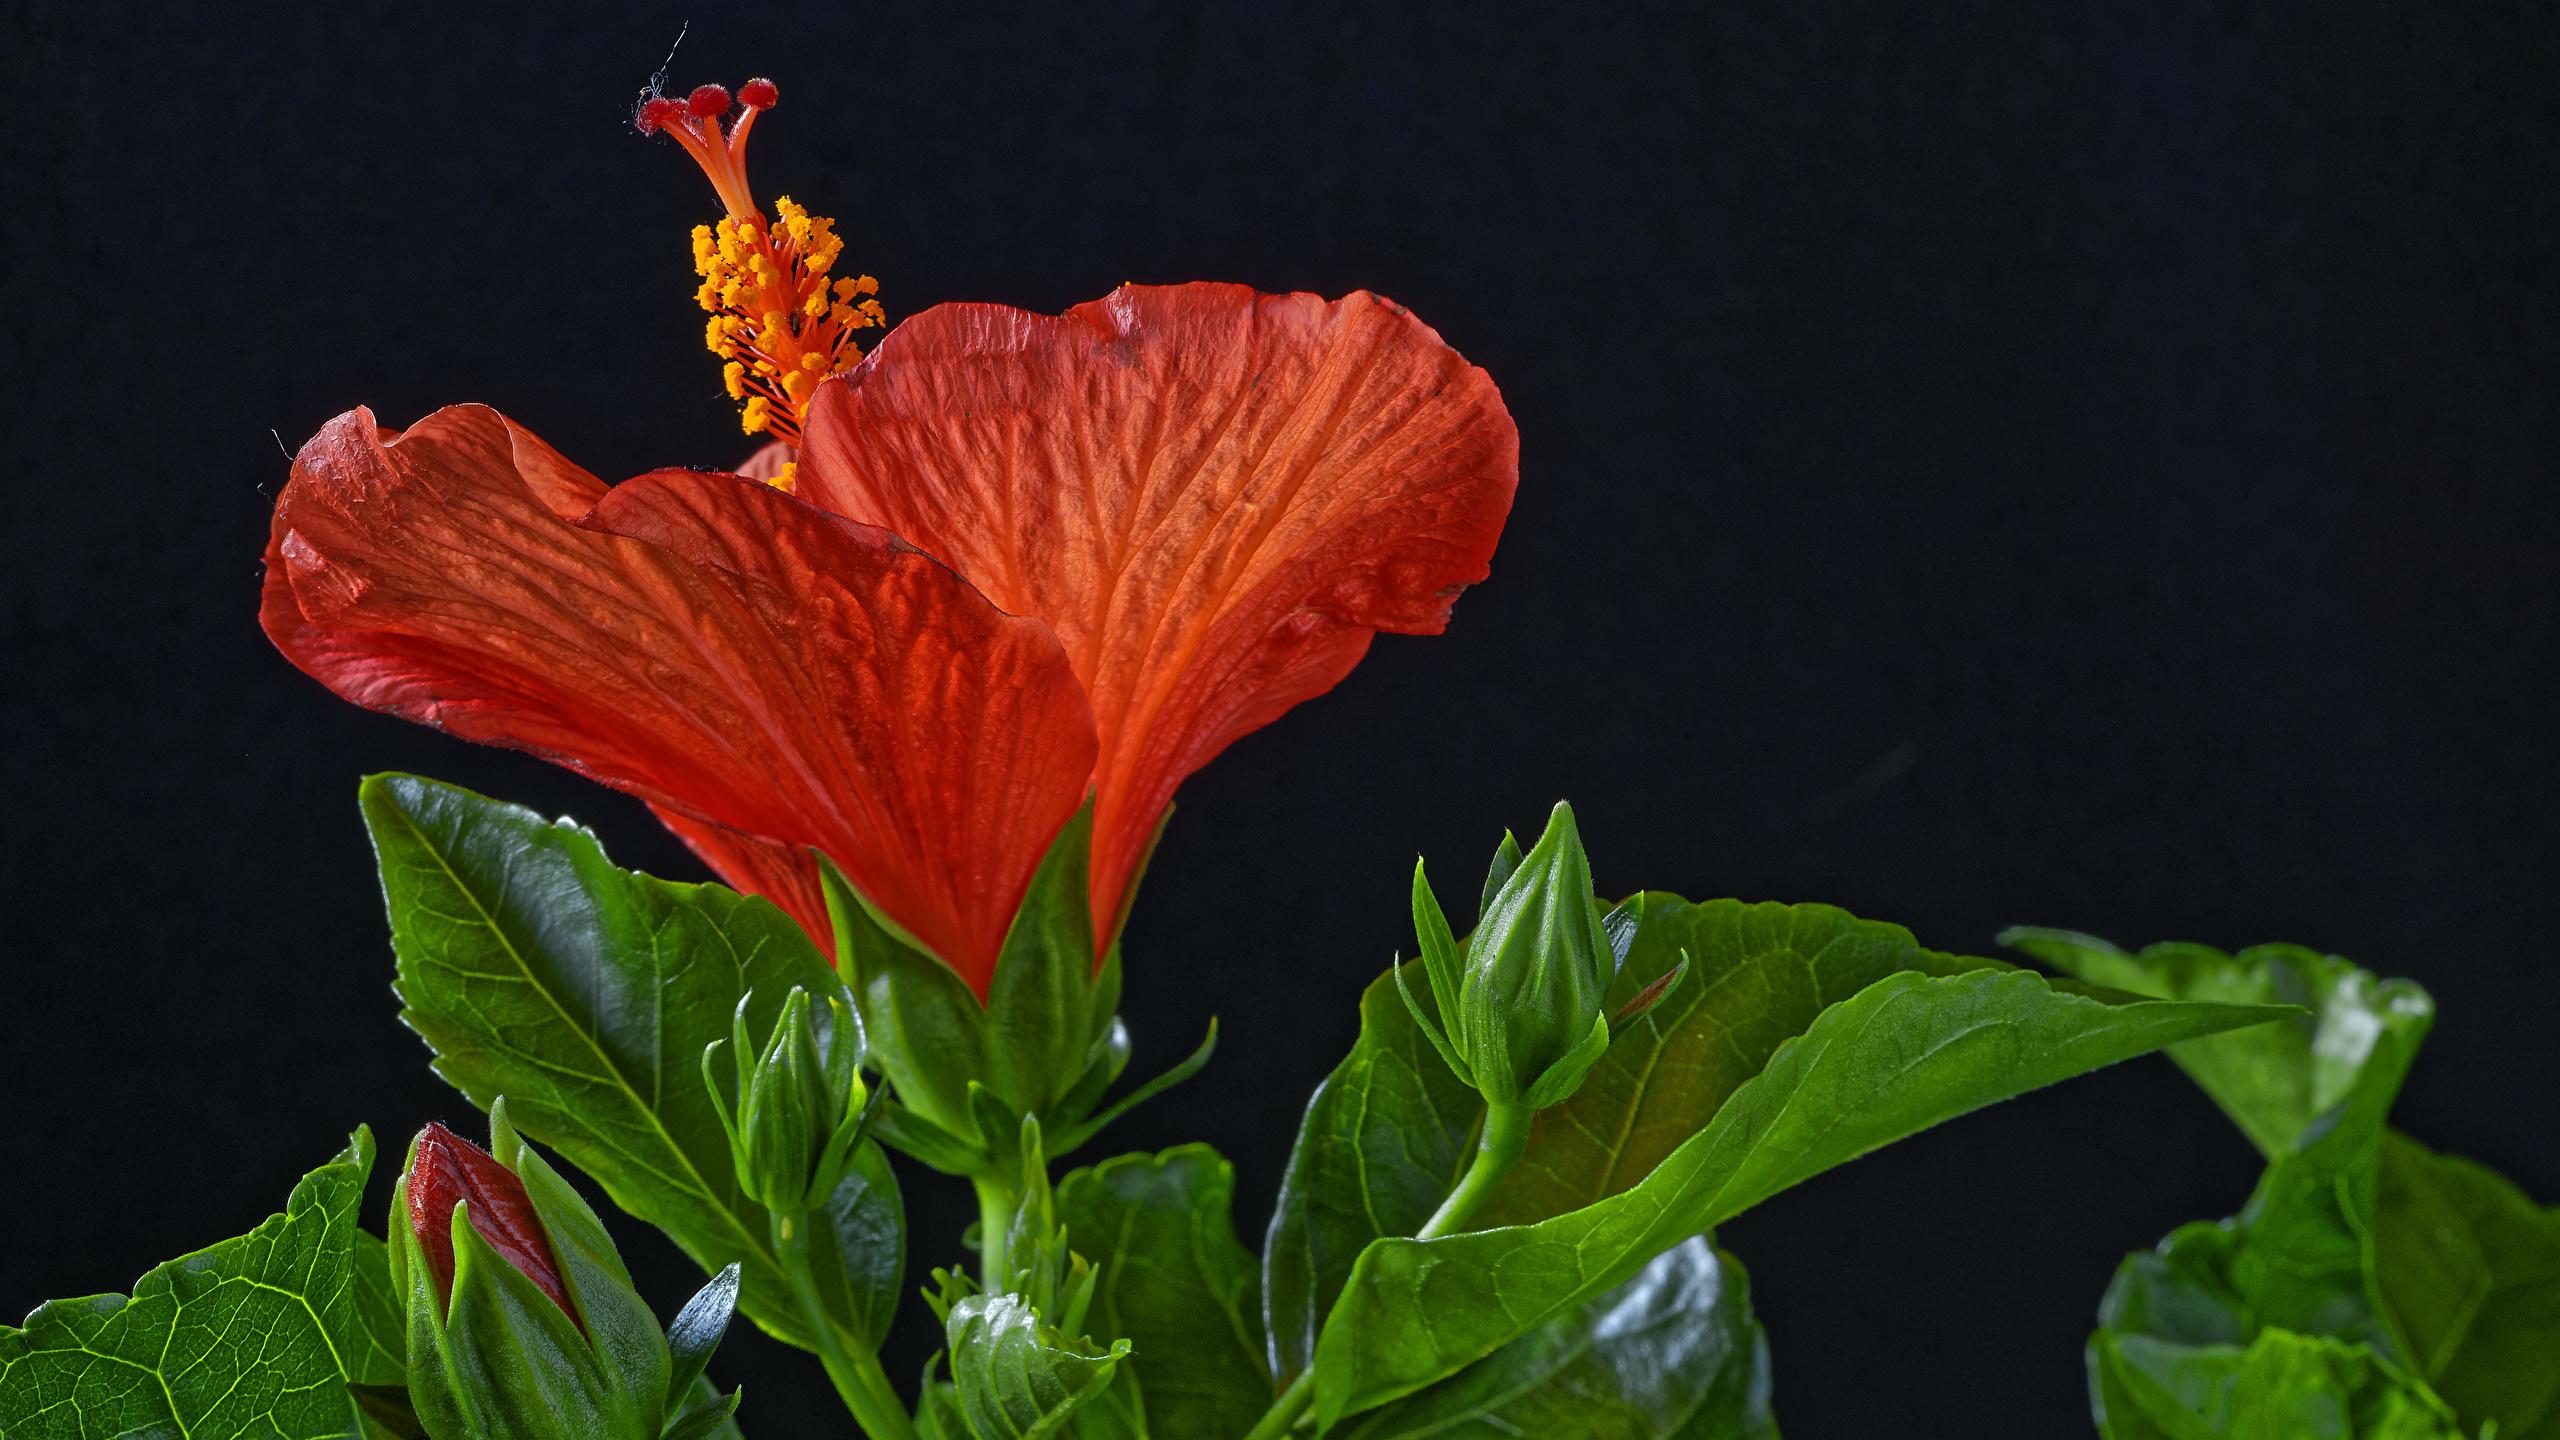 Фотография красная Цветы Гибискусы Бутон на черном фоне Крупным планом 2560x1440 красных красные Красный цветок вблизи Черный фон